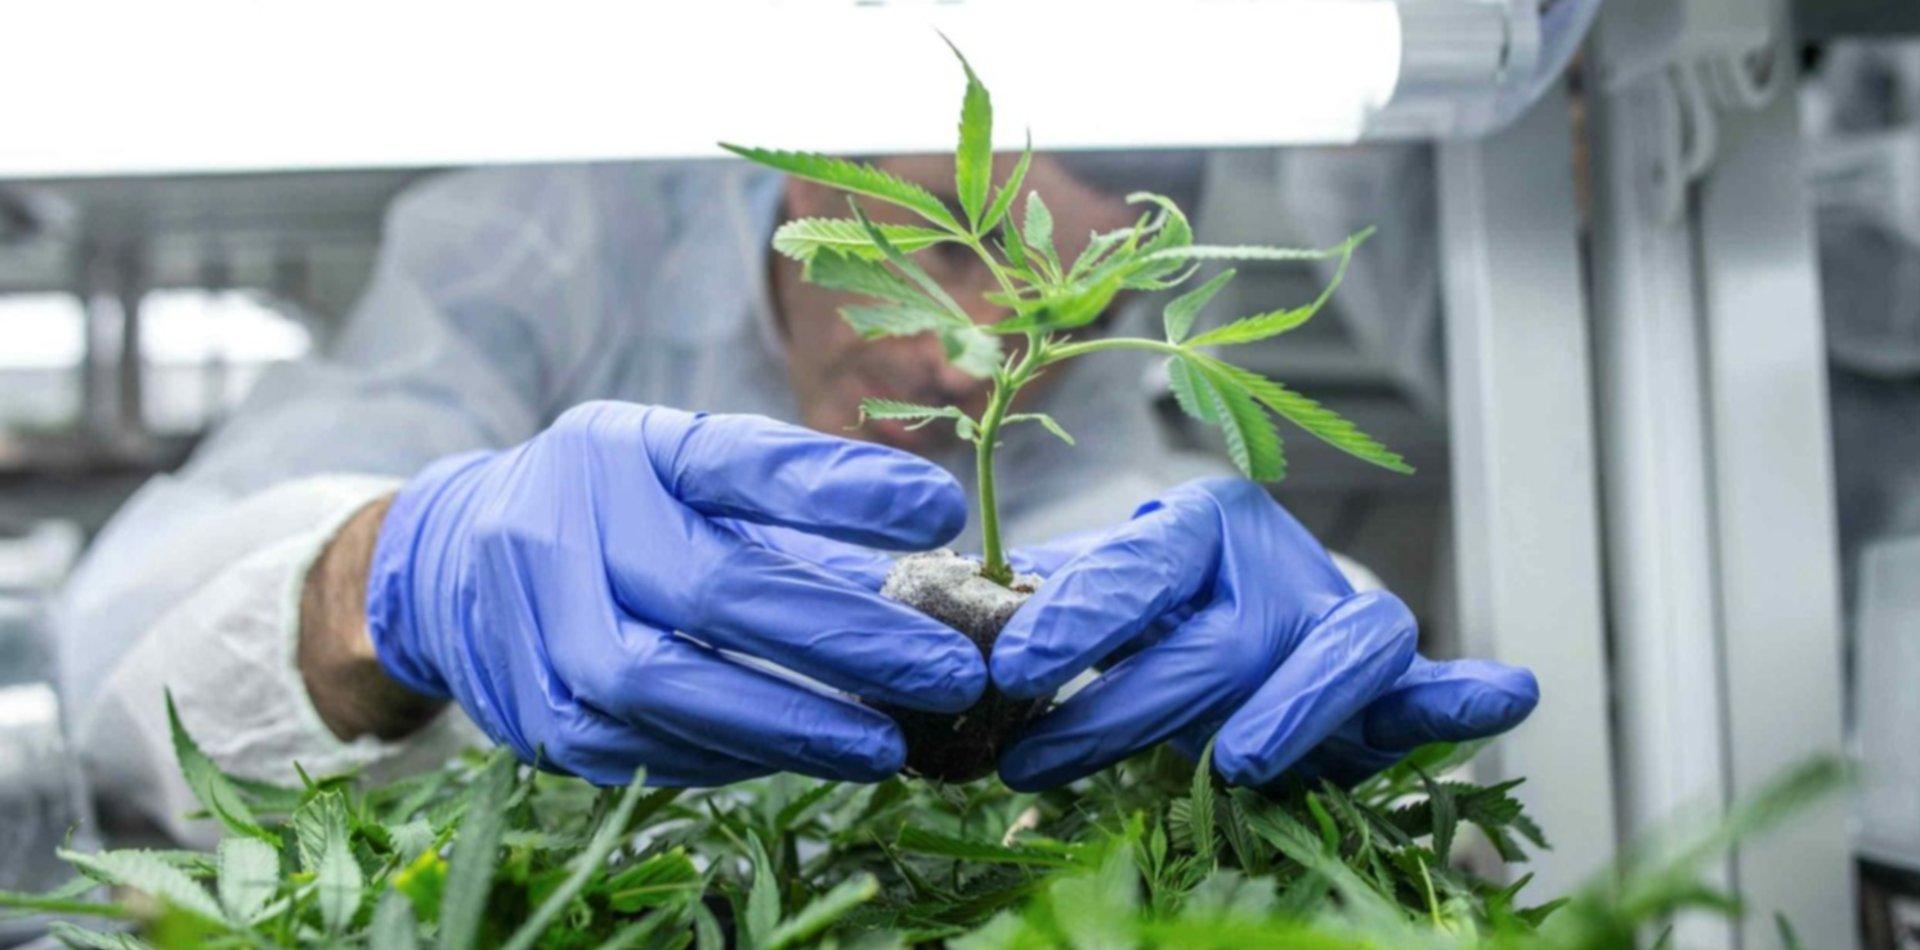 El Gobierno autorizó el cultivo de cannabis para uso medicinal | 0221